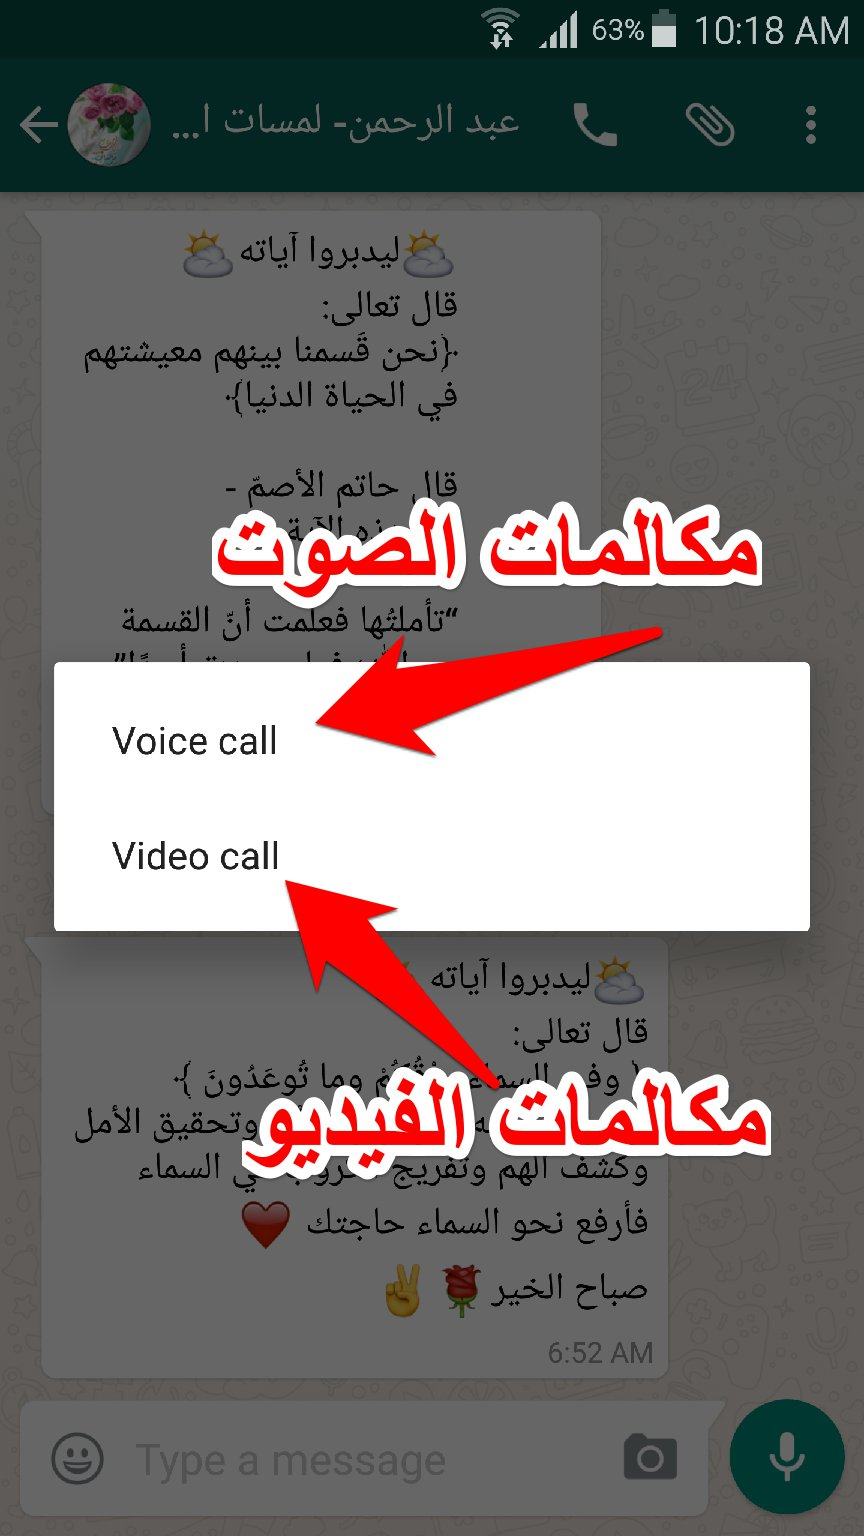 رسميا مكالمات الفيديو تصل الى واتس اب WhatsApp | بحرية درويد